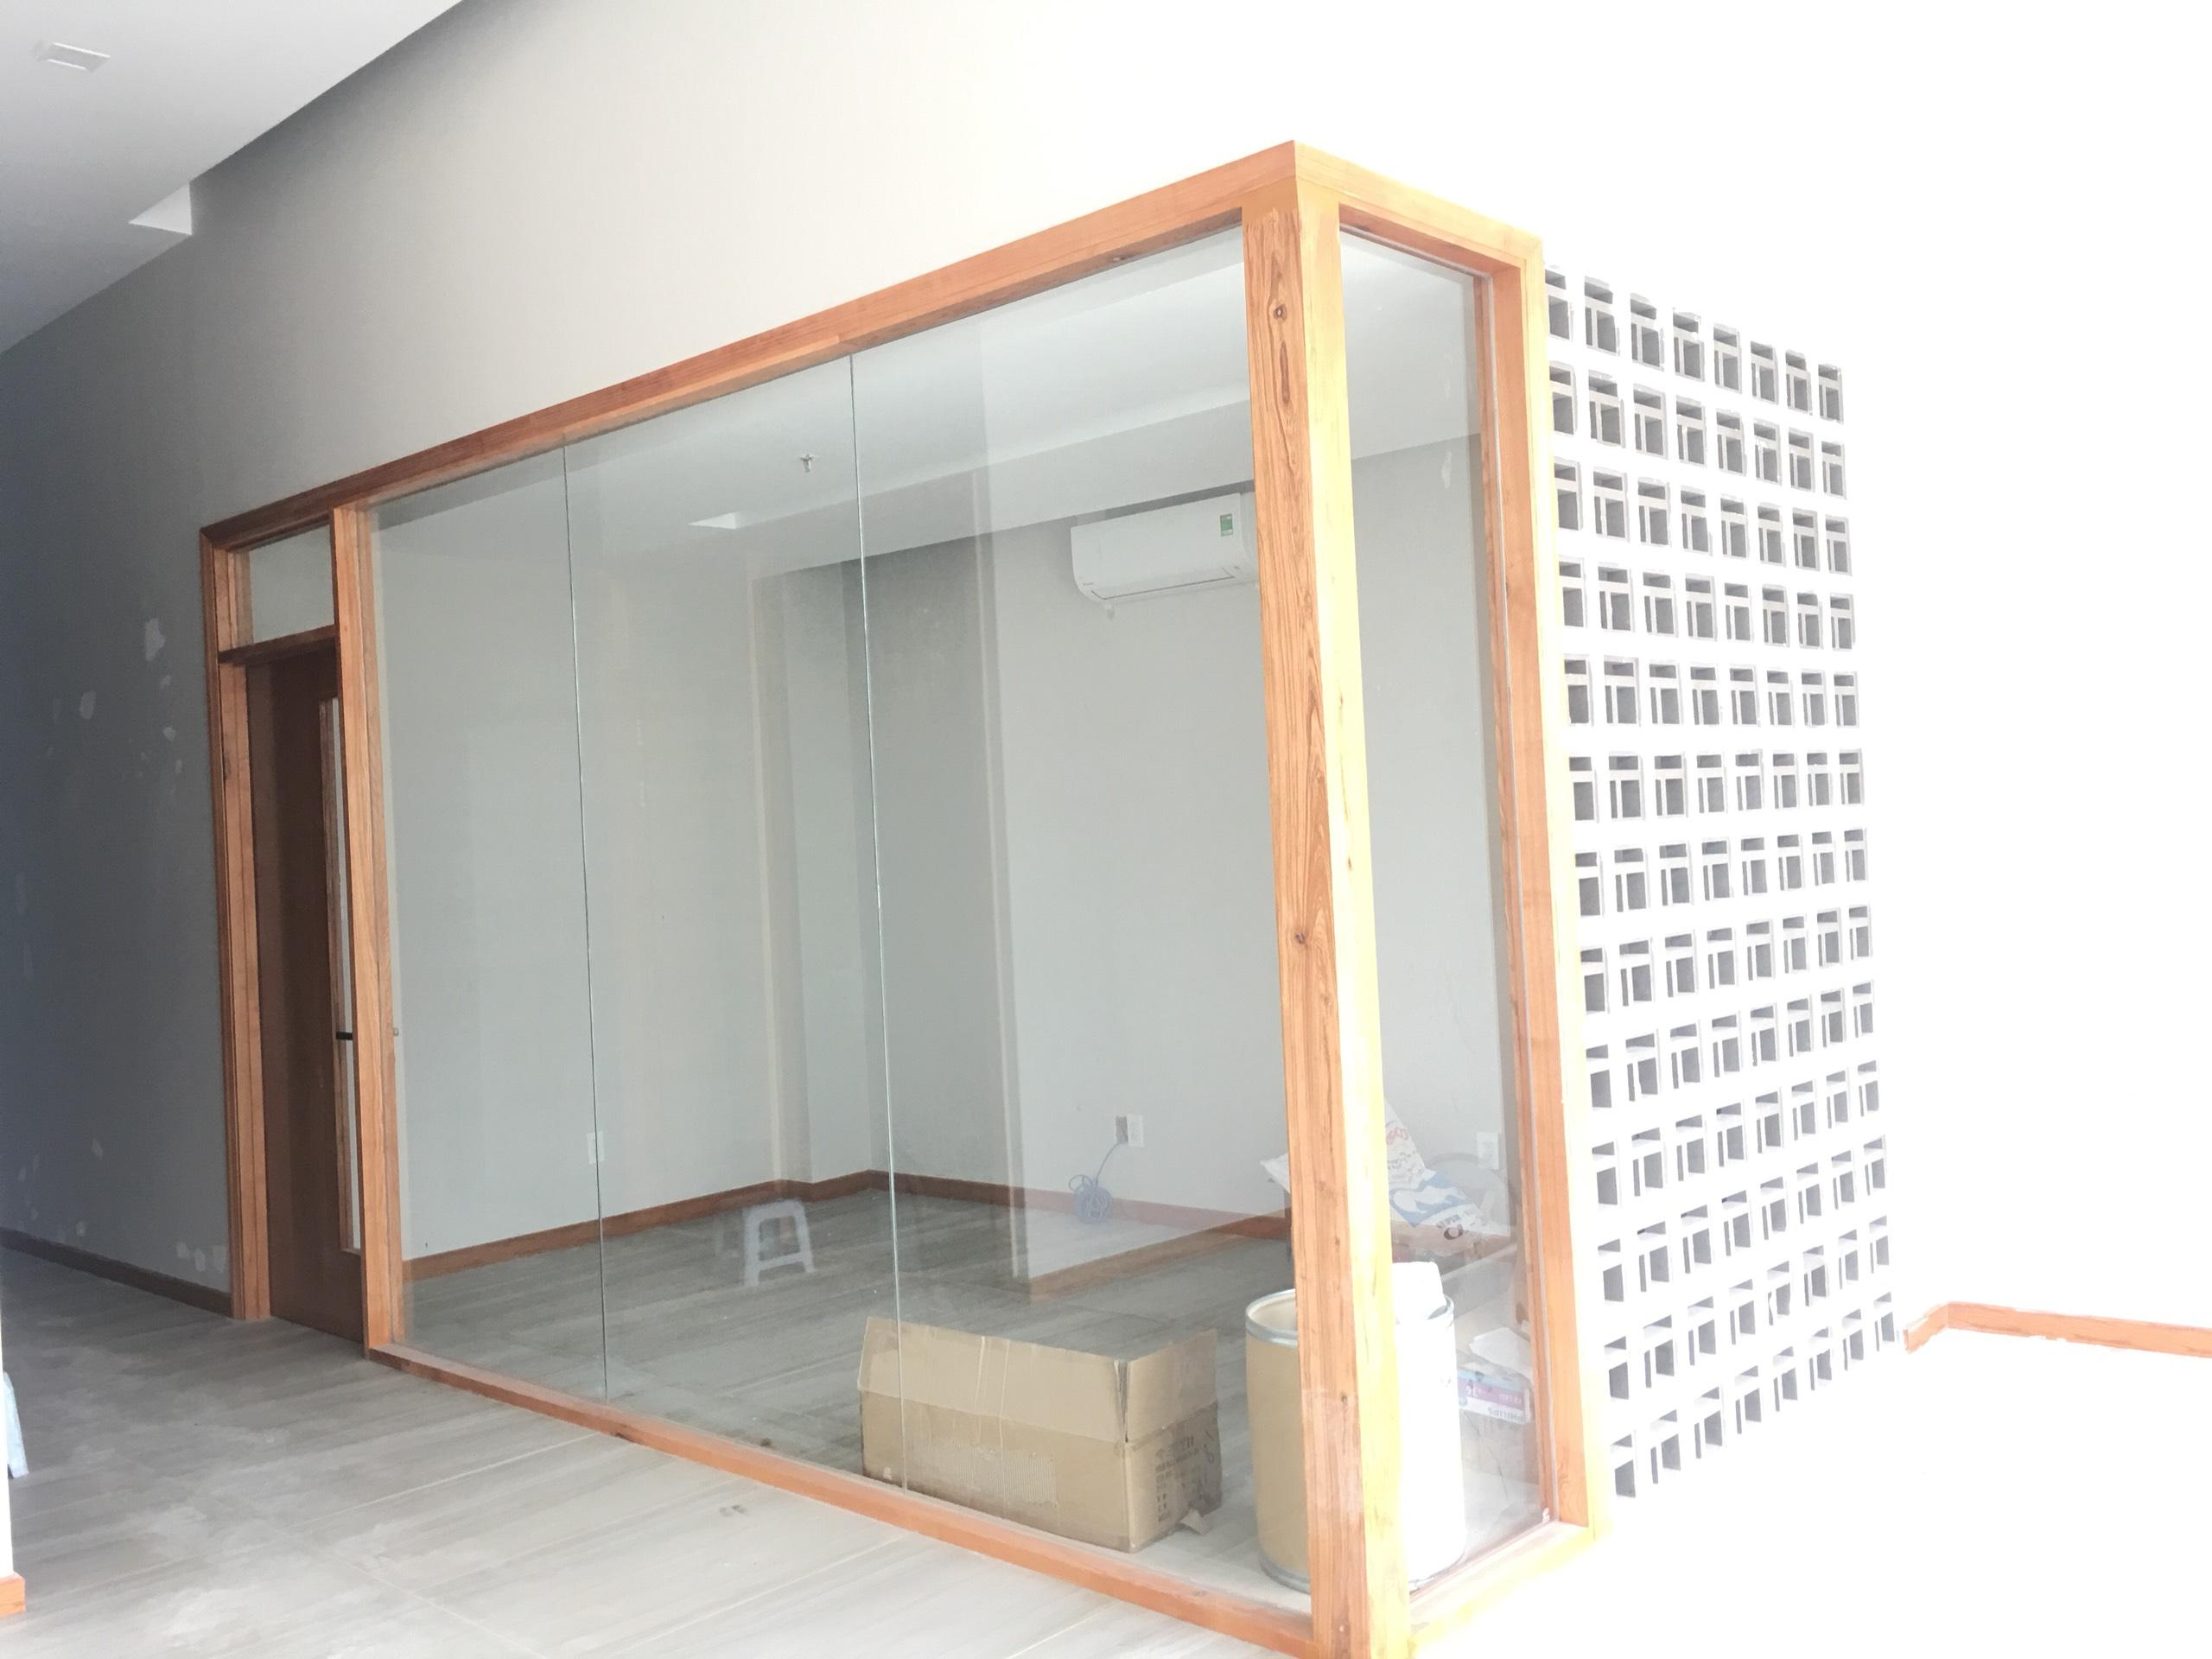 Cửa văn phòng dưới sảnh